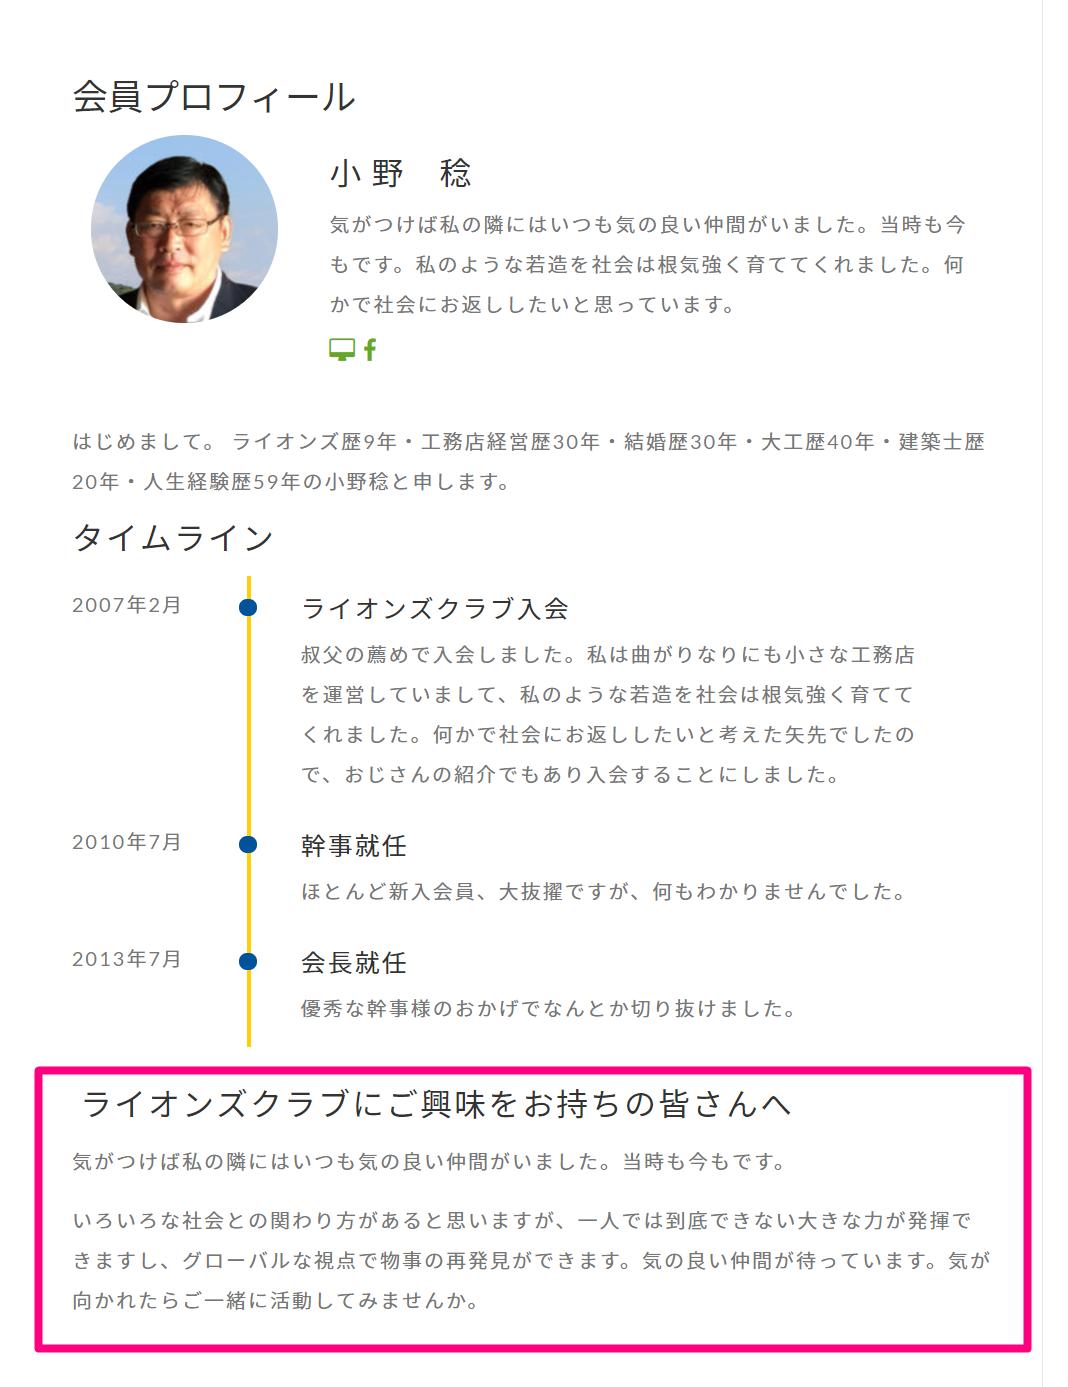 メンバー編集11